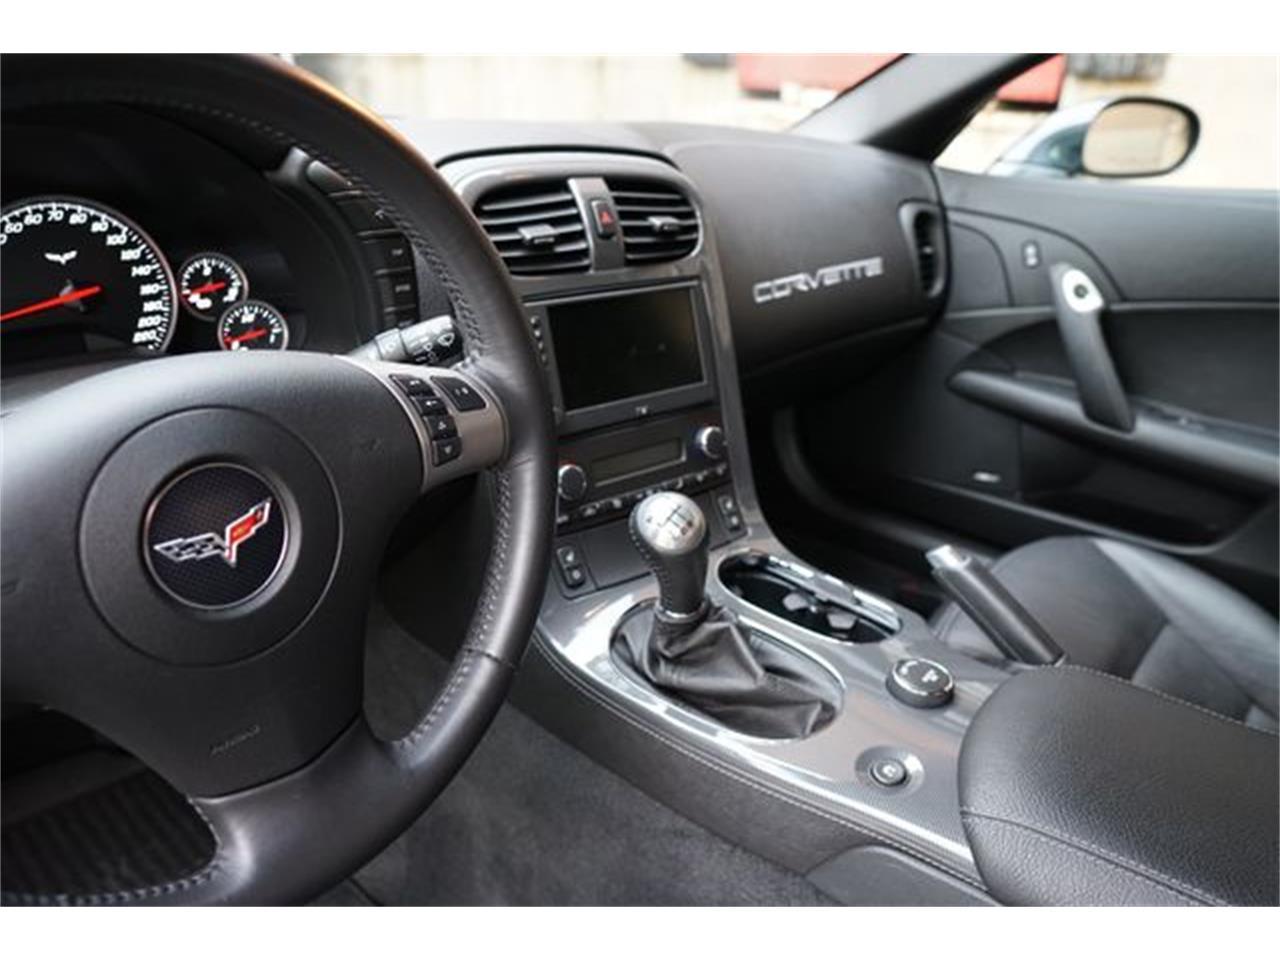 2009 Chevrolet Corvette (CC-1296219) for sale in Aiken, South Carolina